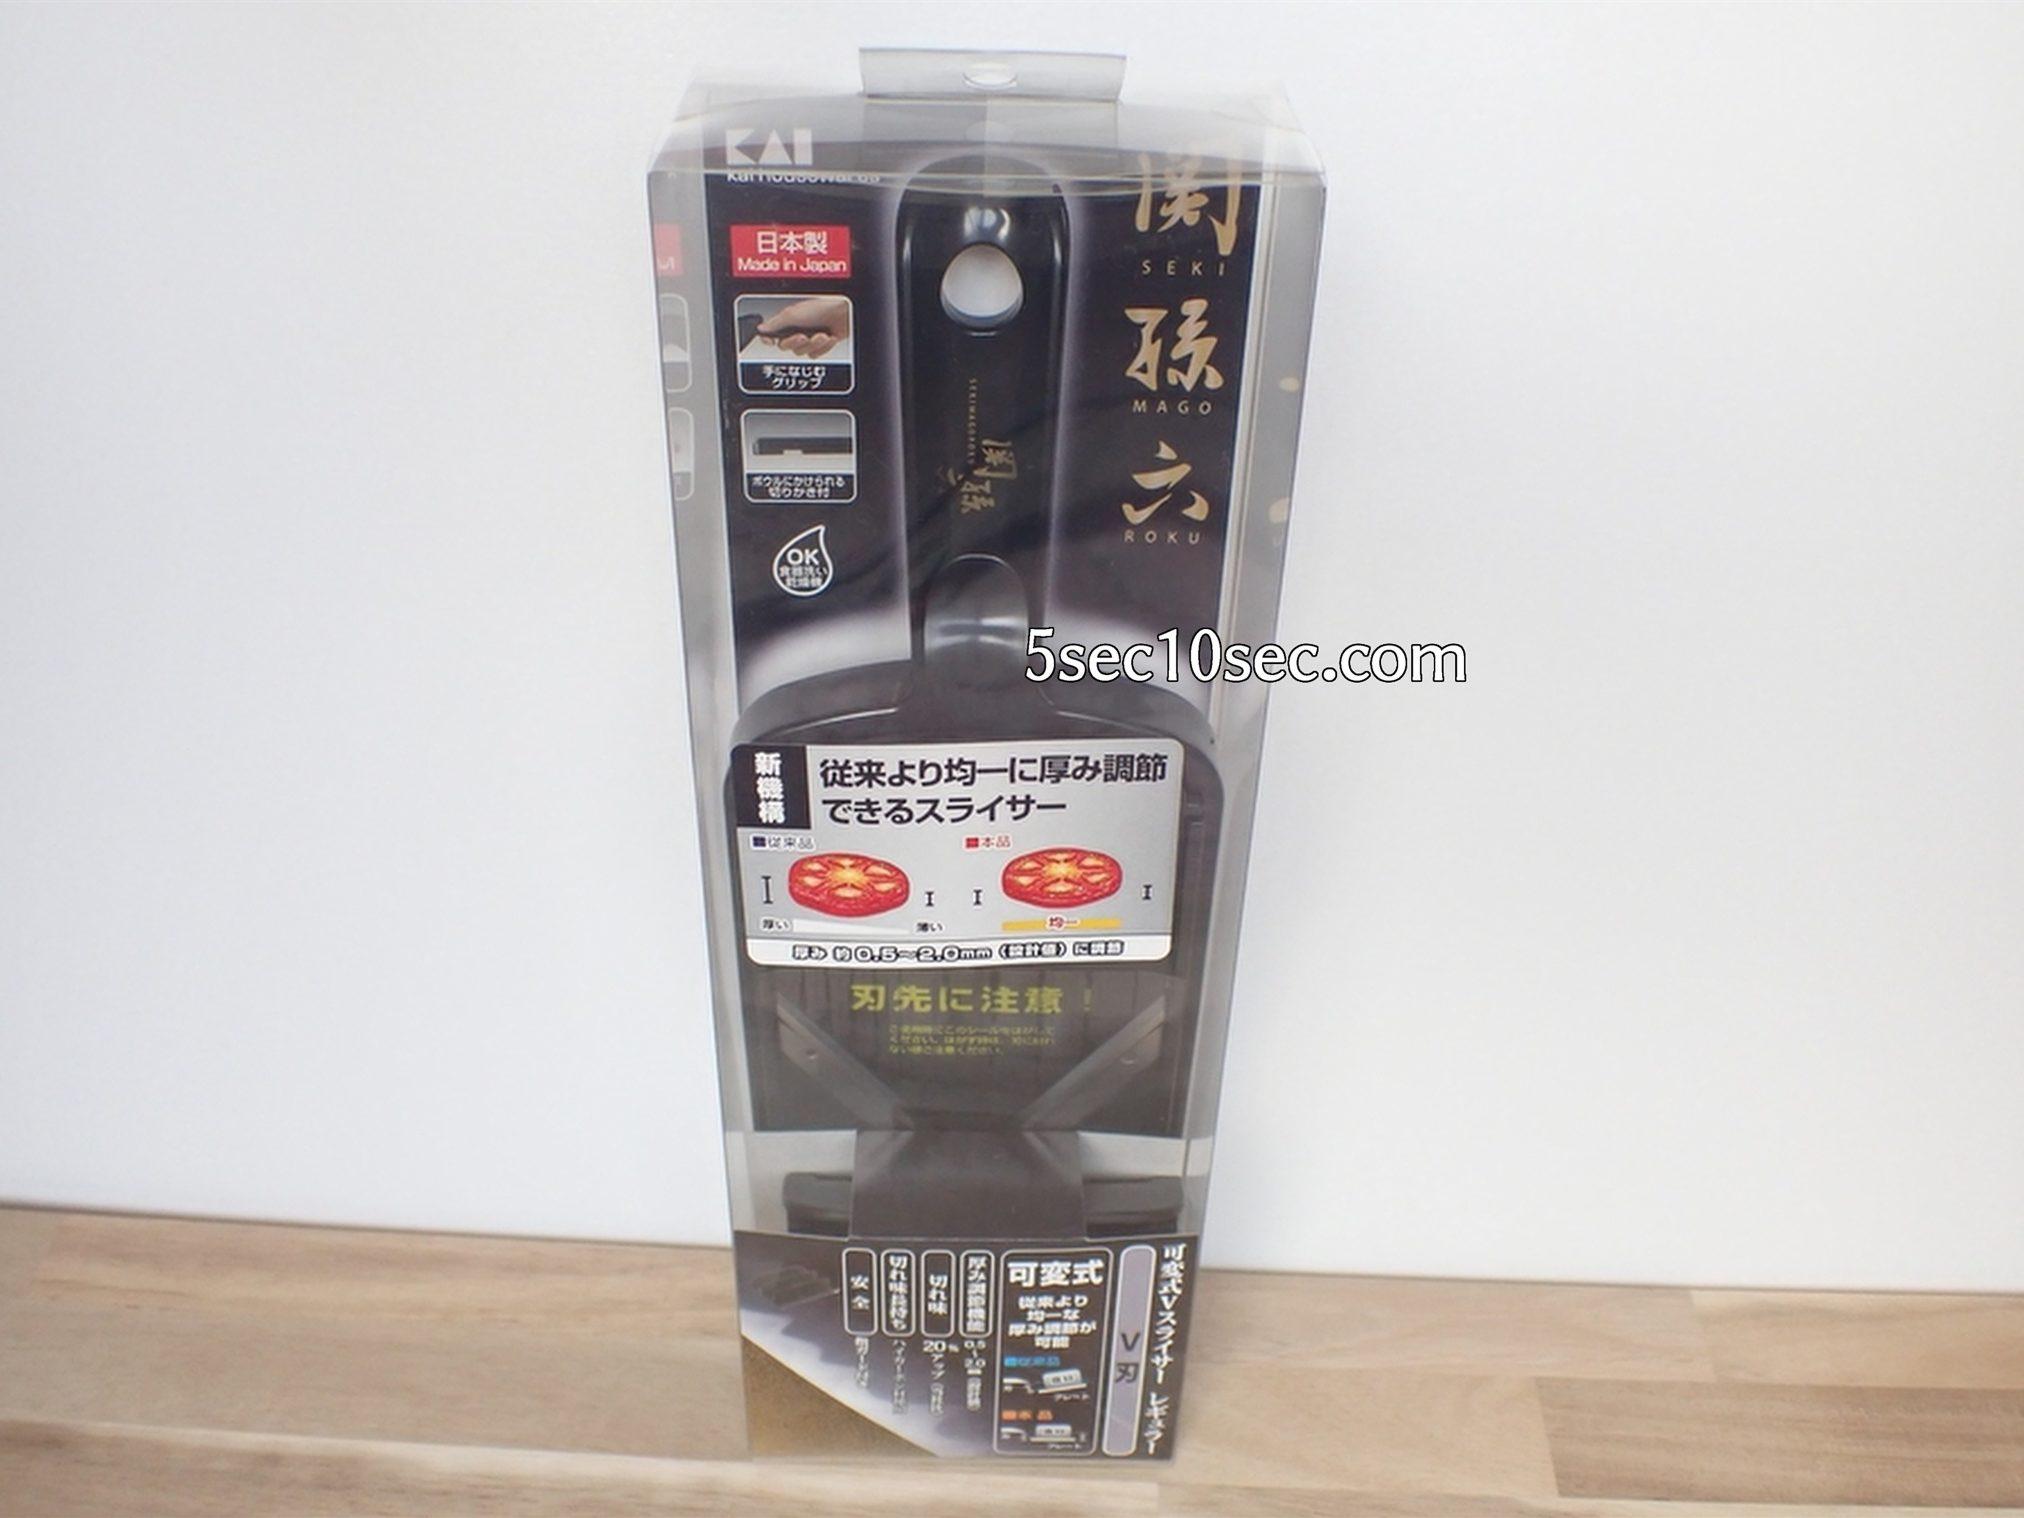 貝印 関孫六 可変式Vスライサー(ガード付き) レギュラー パッケージ写真 品番、型番はDH3343